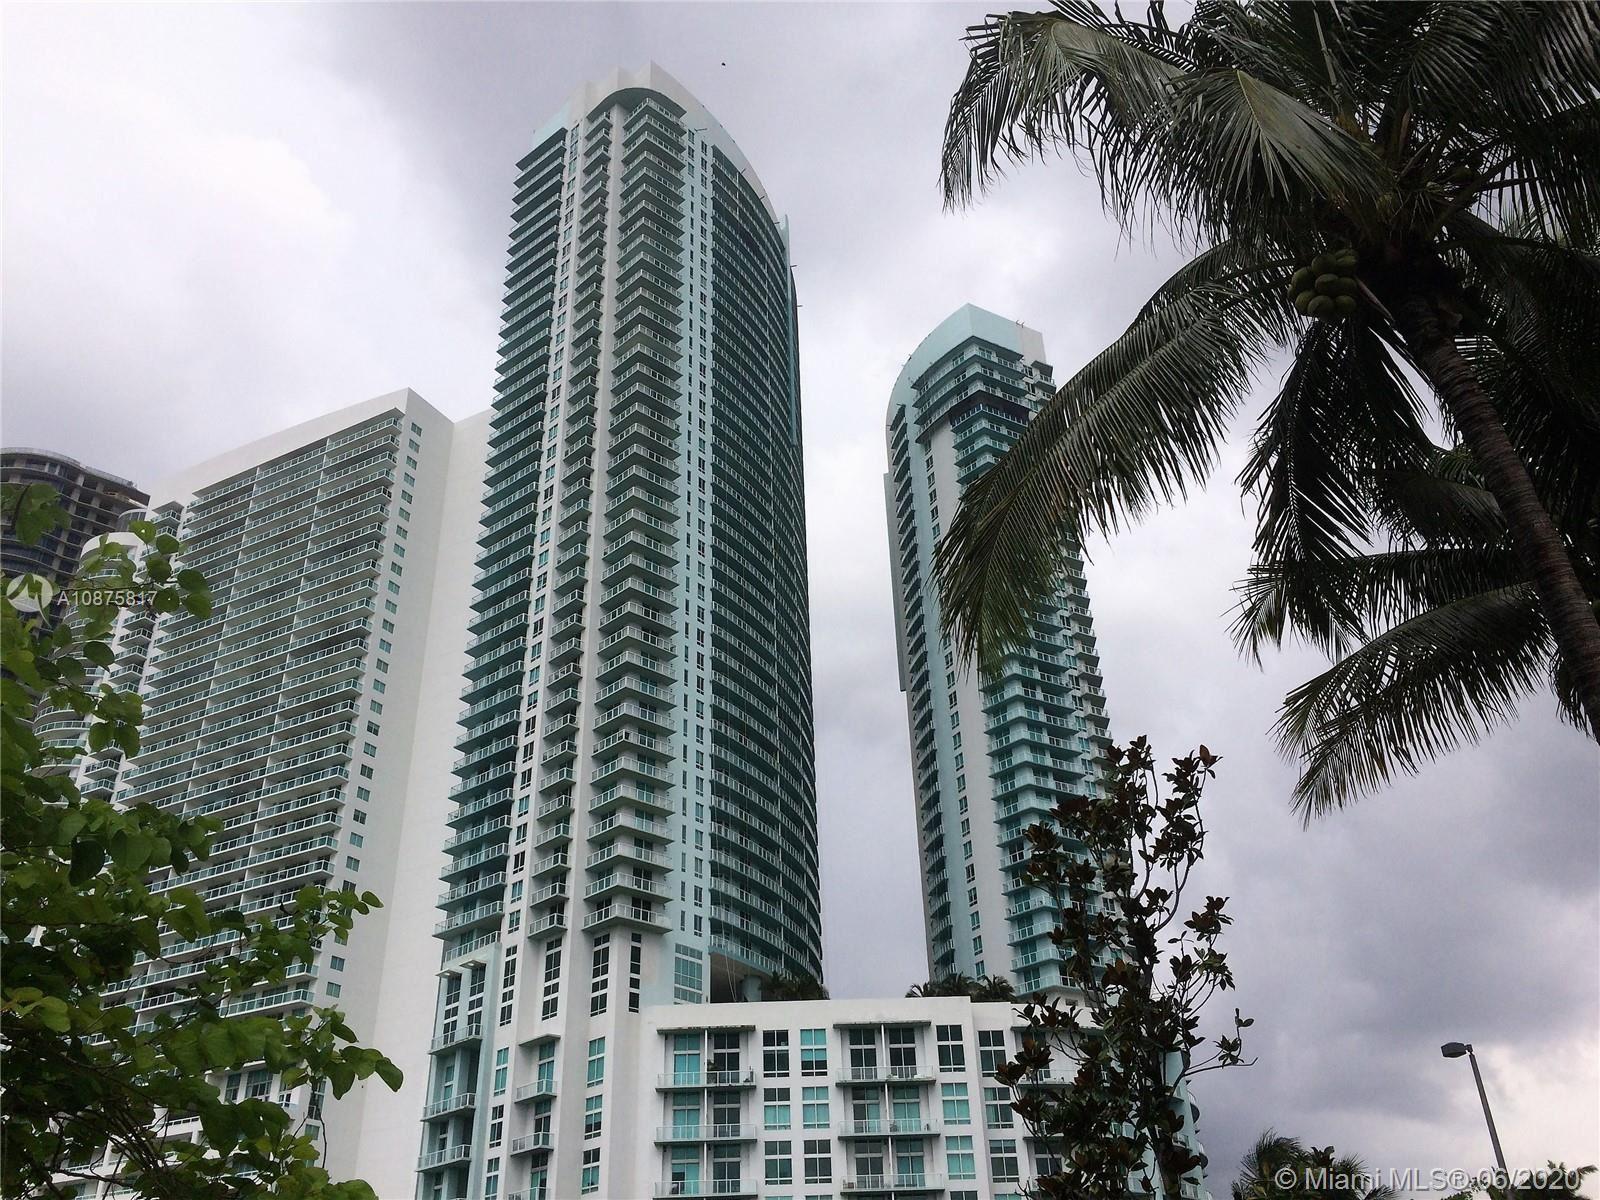 1900 N BAYSHORE DR #4105, Miami, FL 33132 - #: A10875817